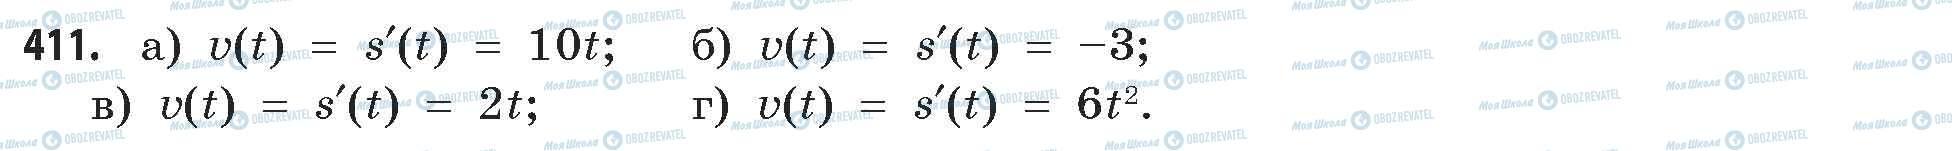 ГДЗ Математика 11 класс страница 411